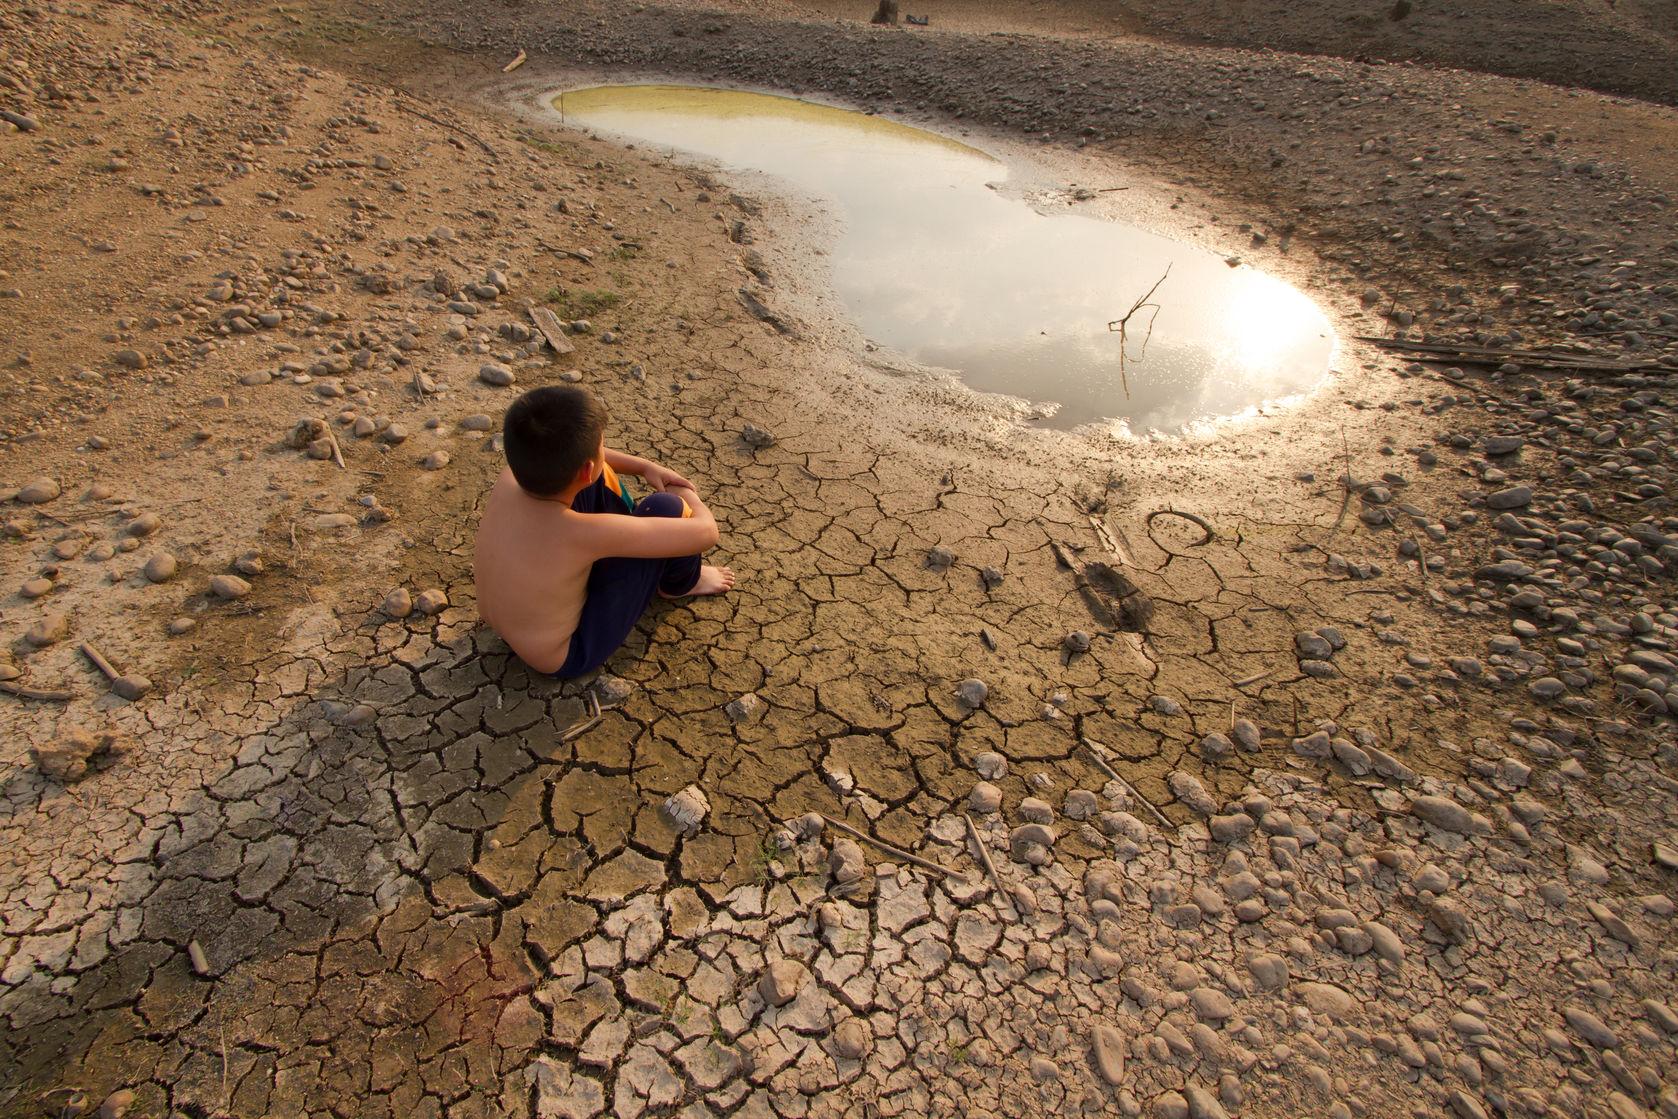 Se necesitan $57 billones para mitigar el cambio climático